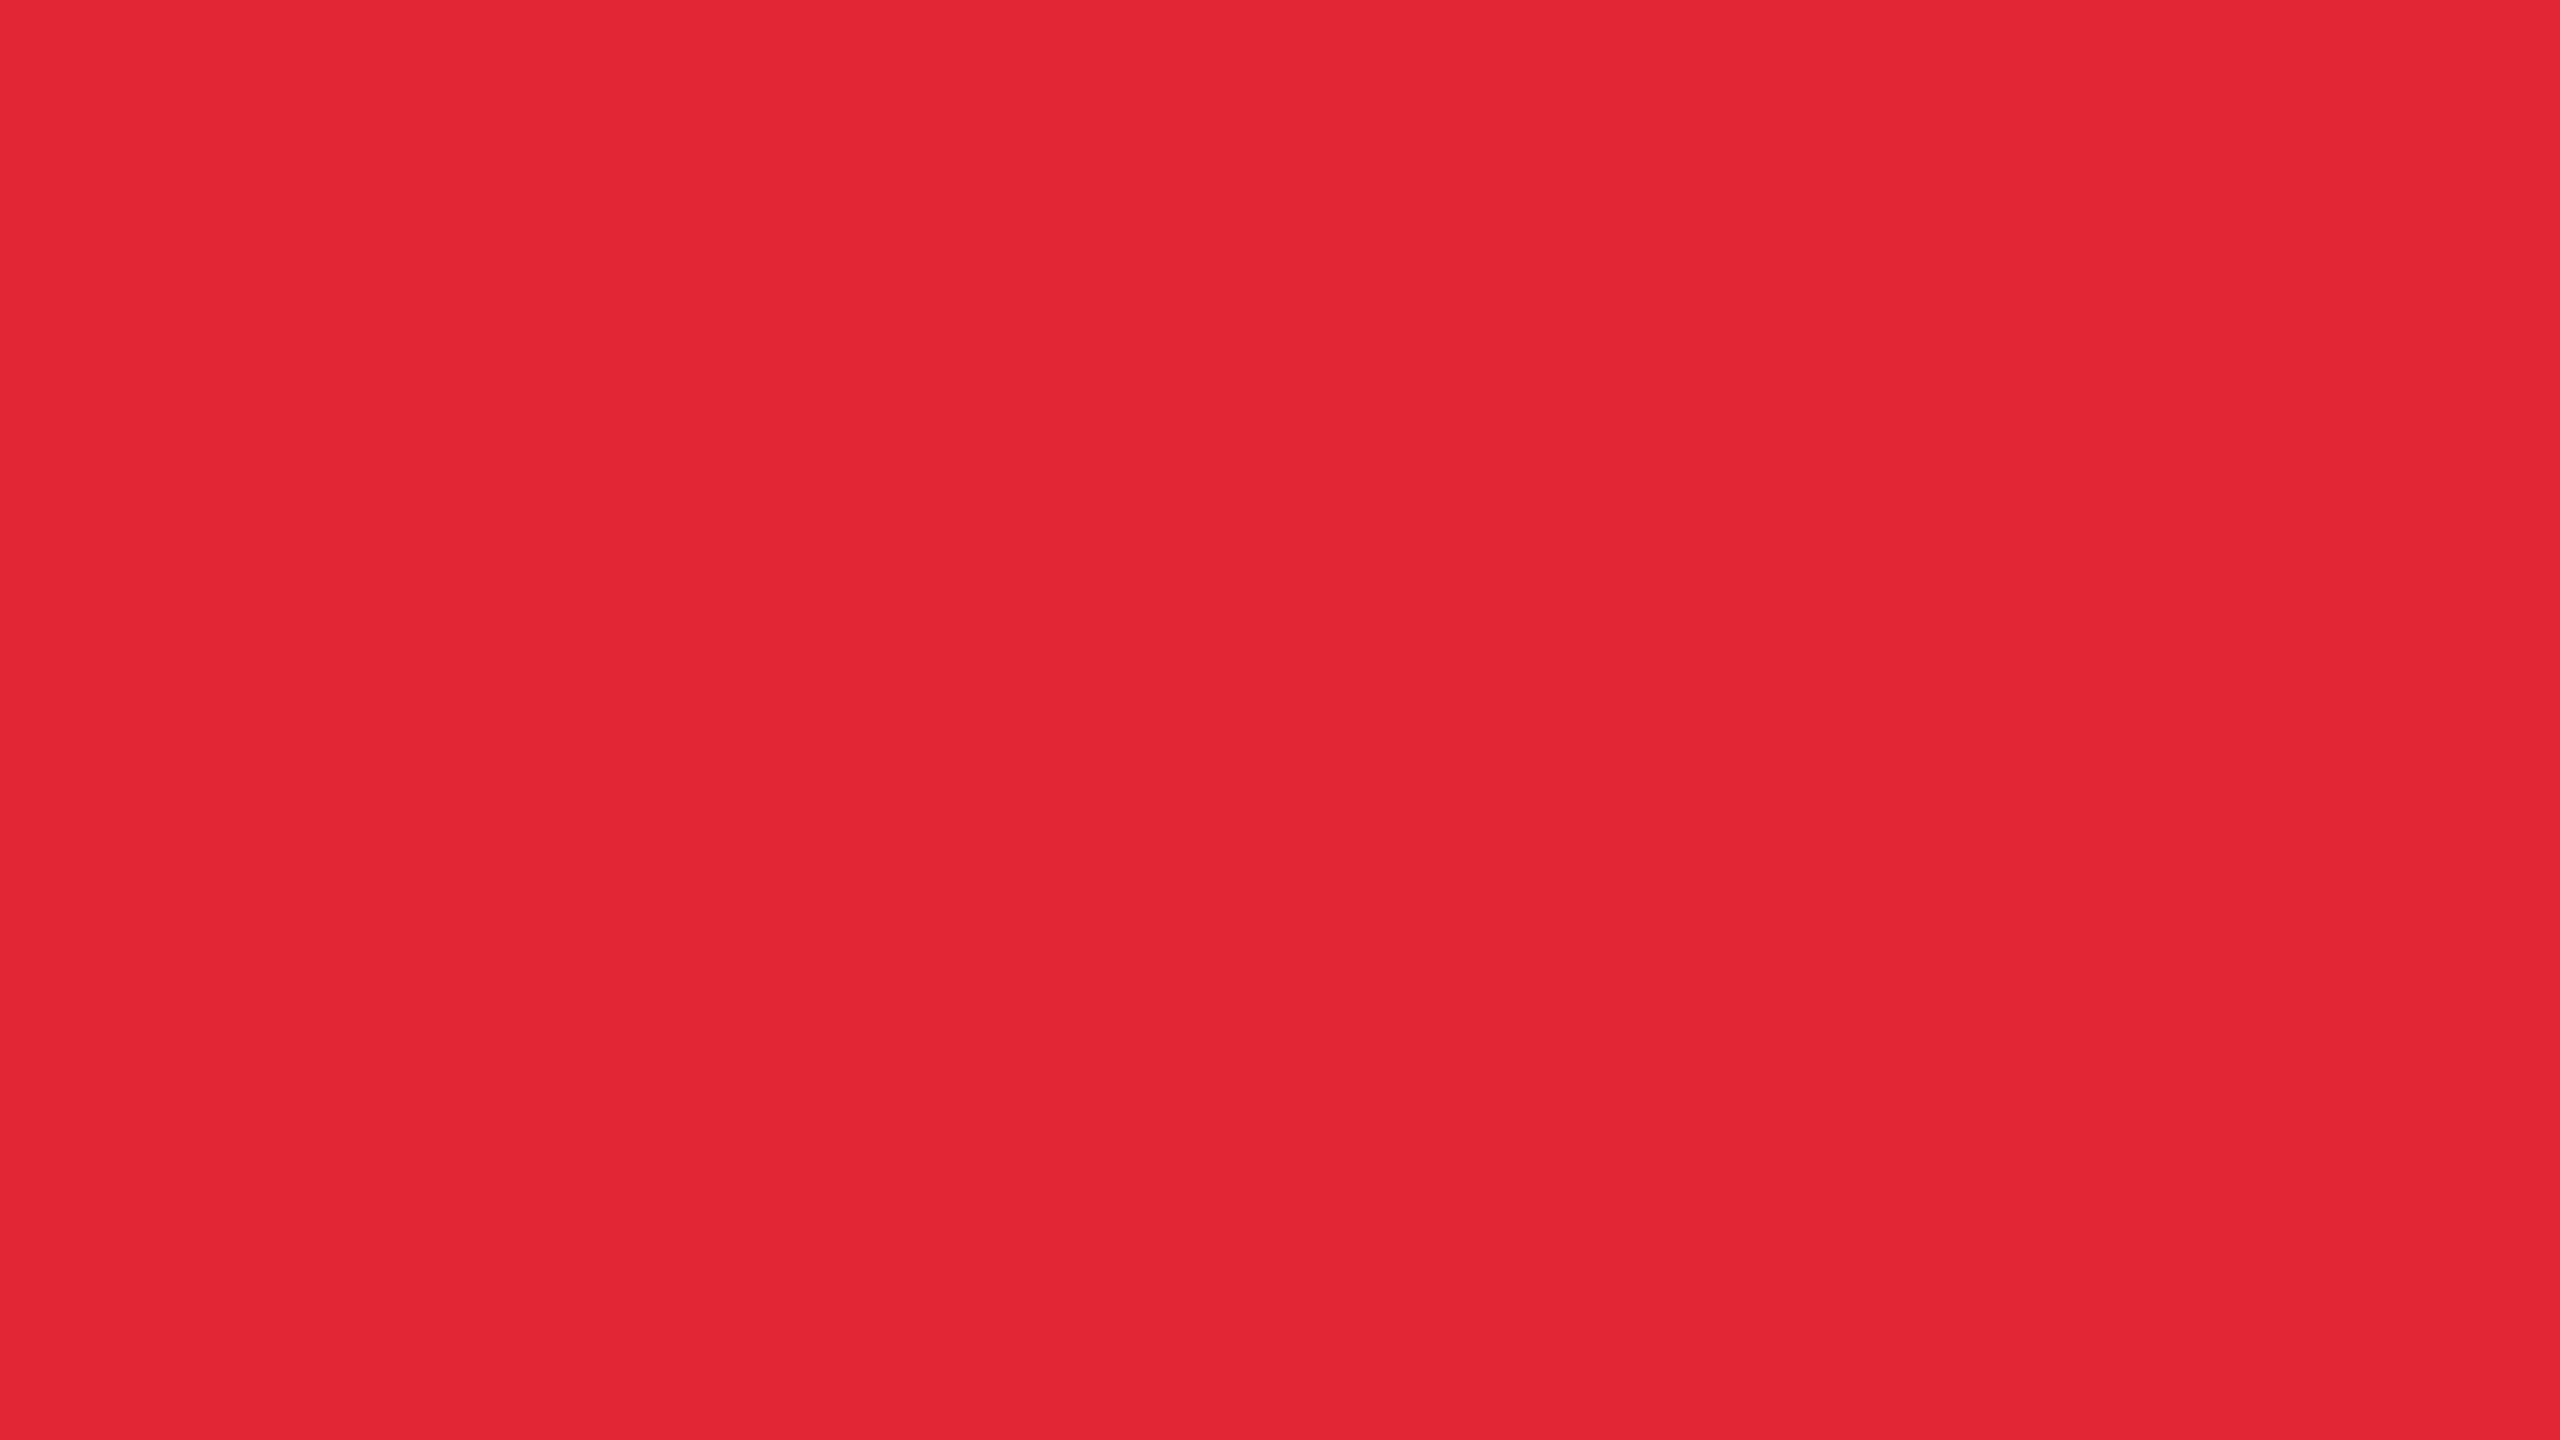 2560x1440 Rose Madder Solid Color Background